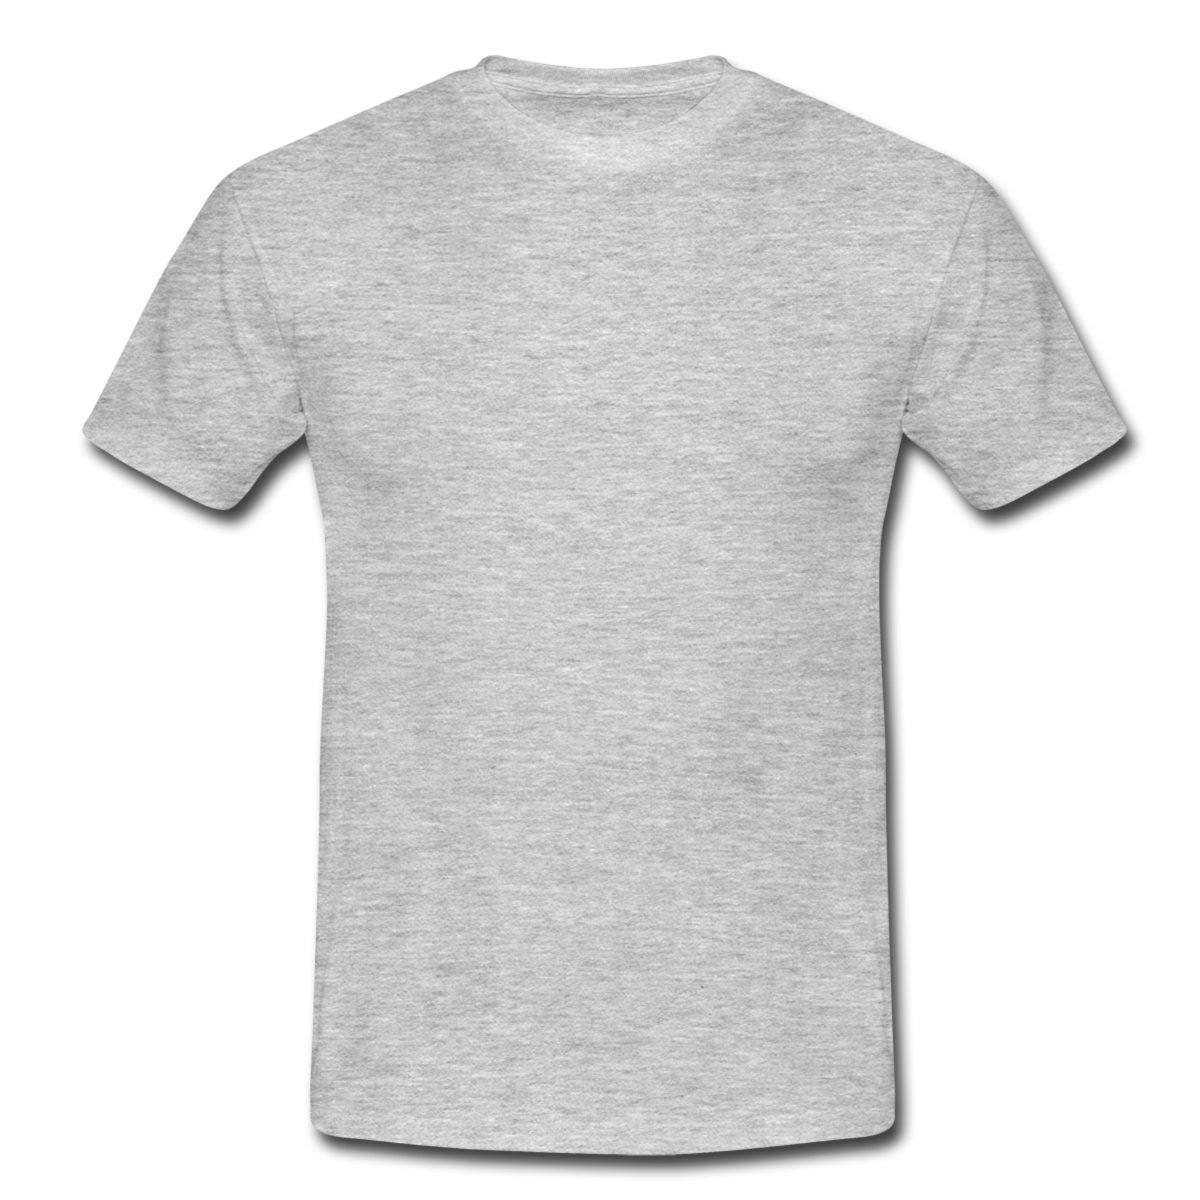 best loved 1ab7d 2770f Männer Shirts bedrucken – Herren T Shirt gestalten